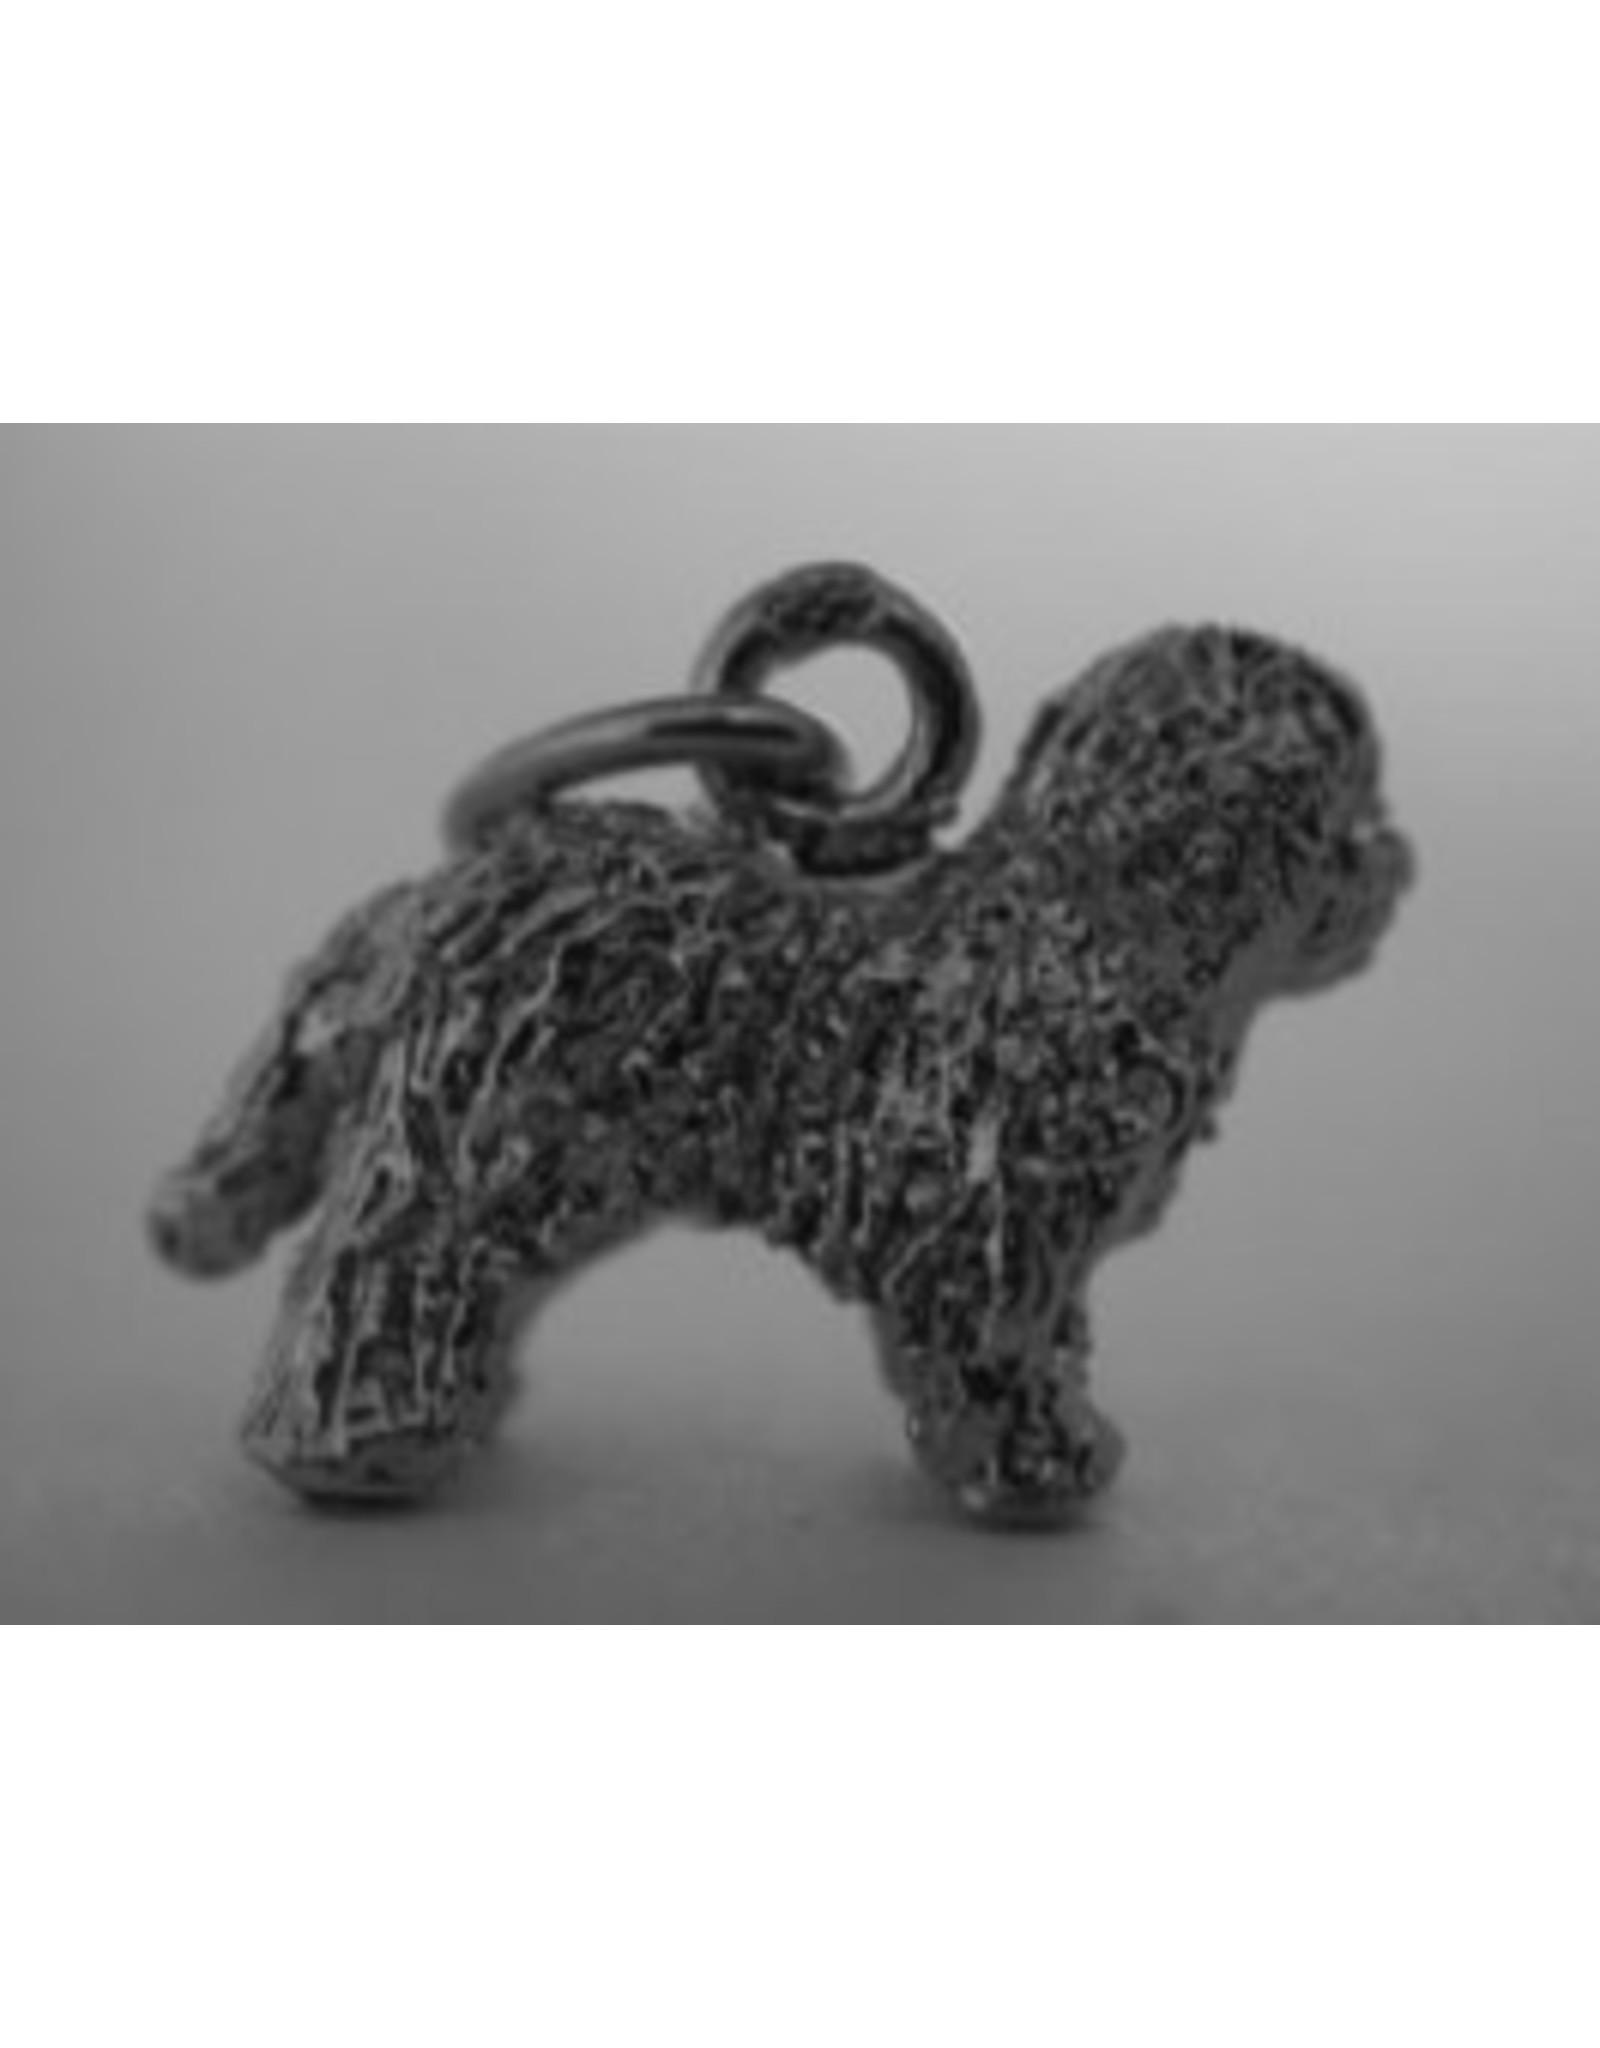 Handmade by Hanneke Weigel Zilveren Old english sheepdog